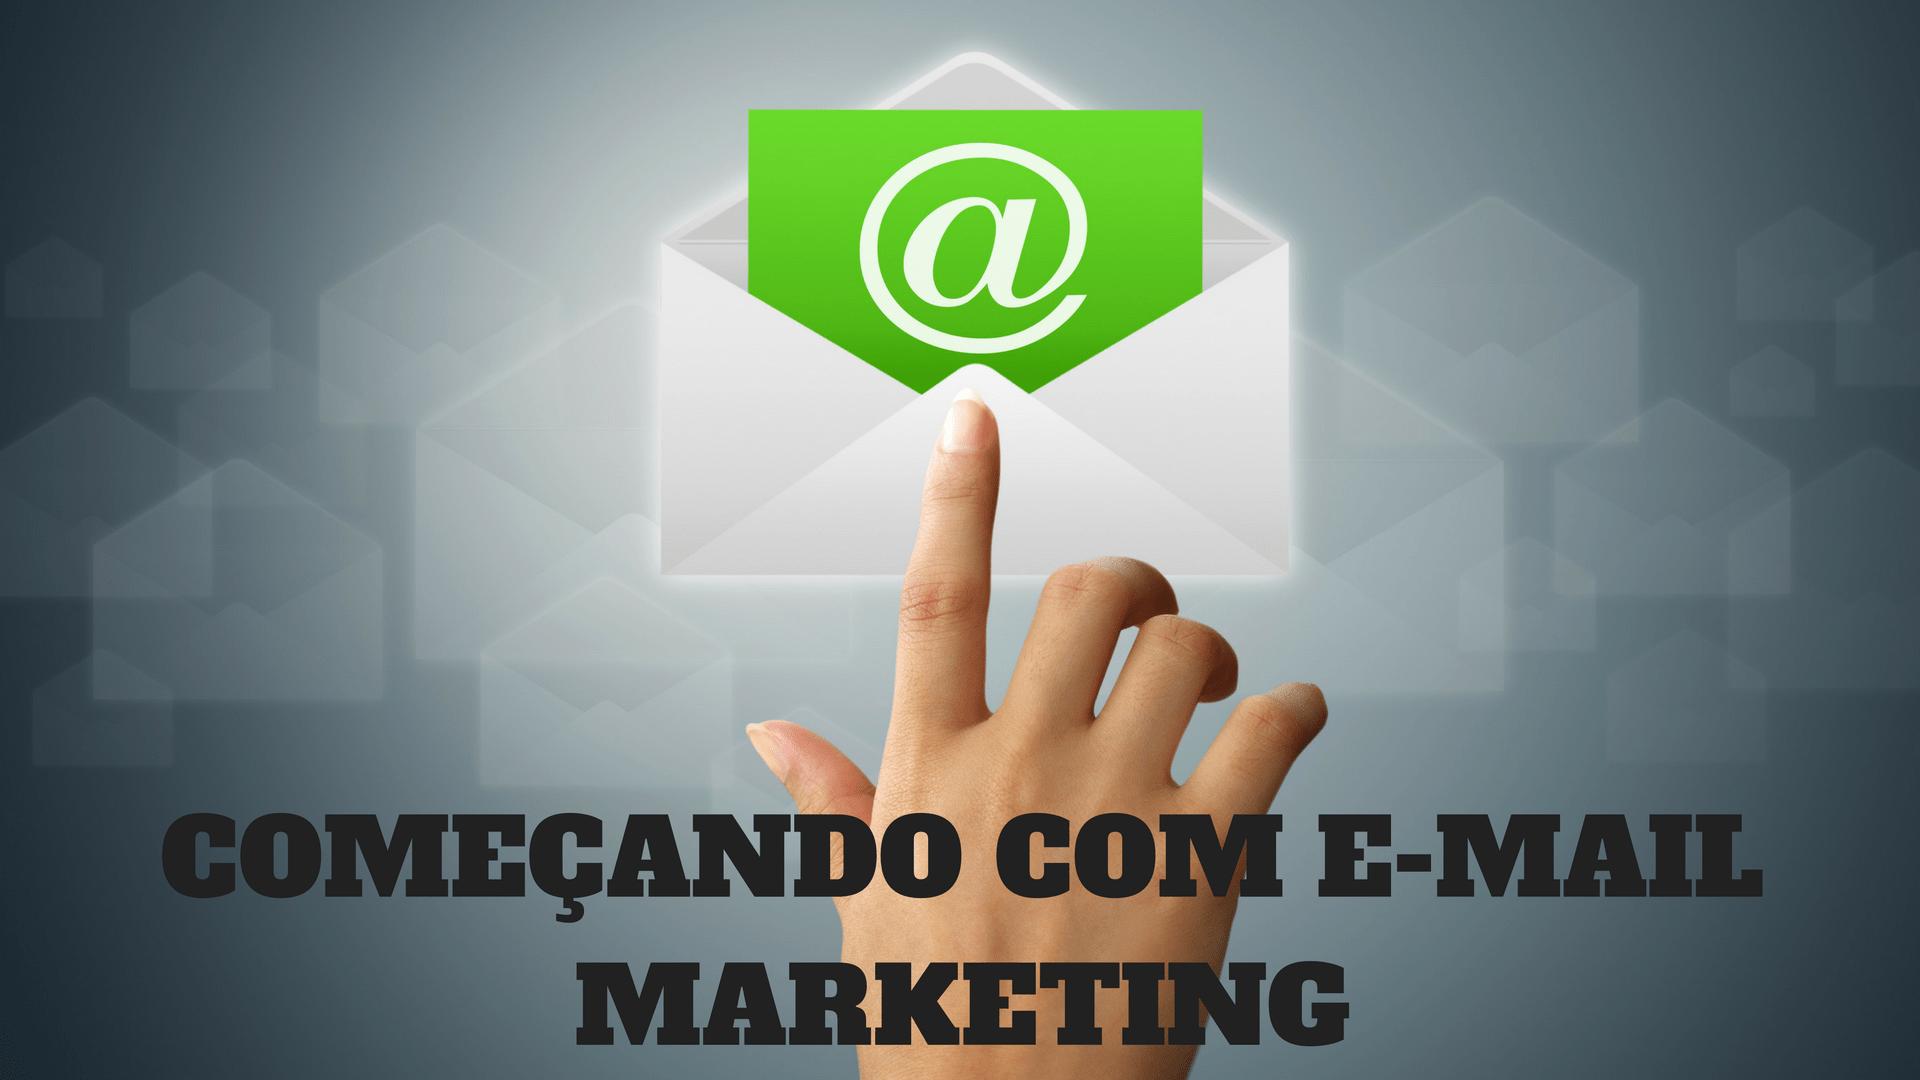 COMEÇANDO COM E-MAIL MARKETING DO ZERO